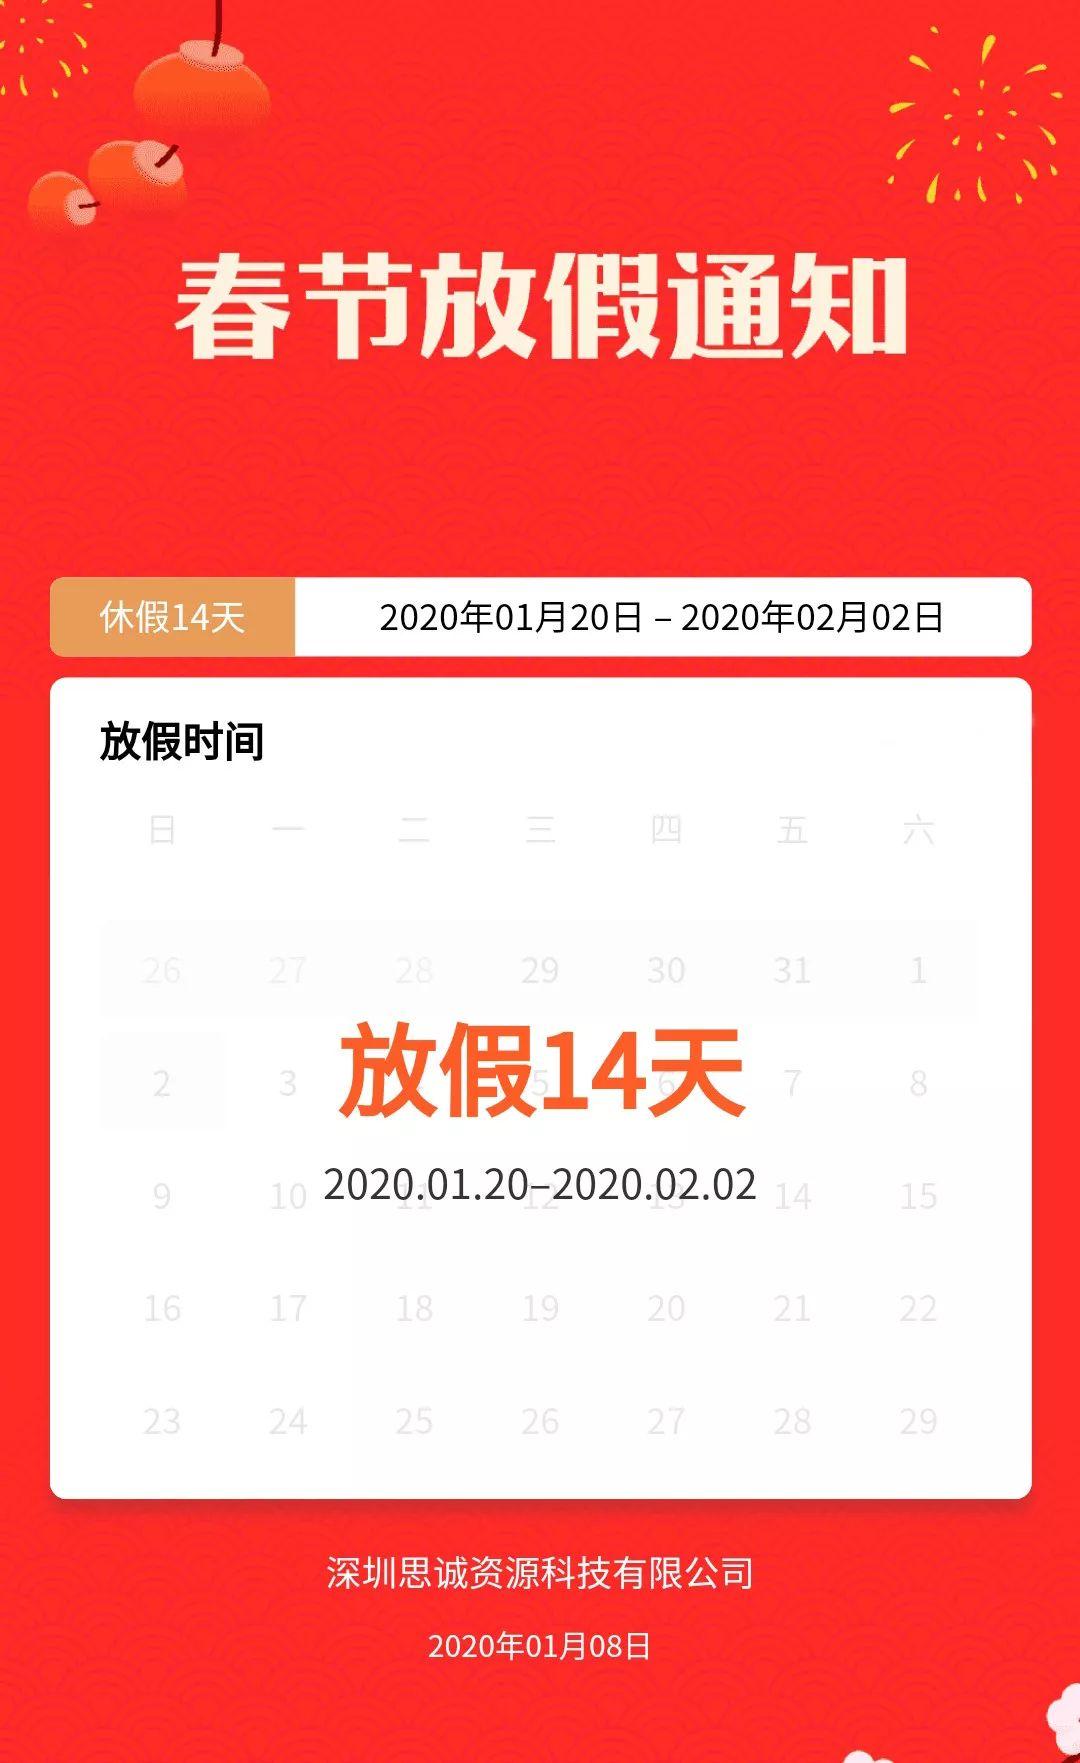 思诚资源2020春节放假通知